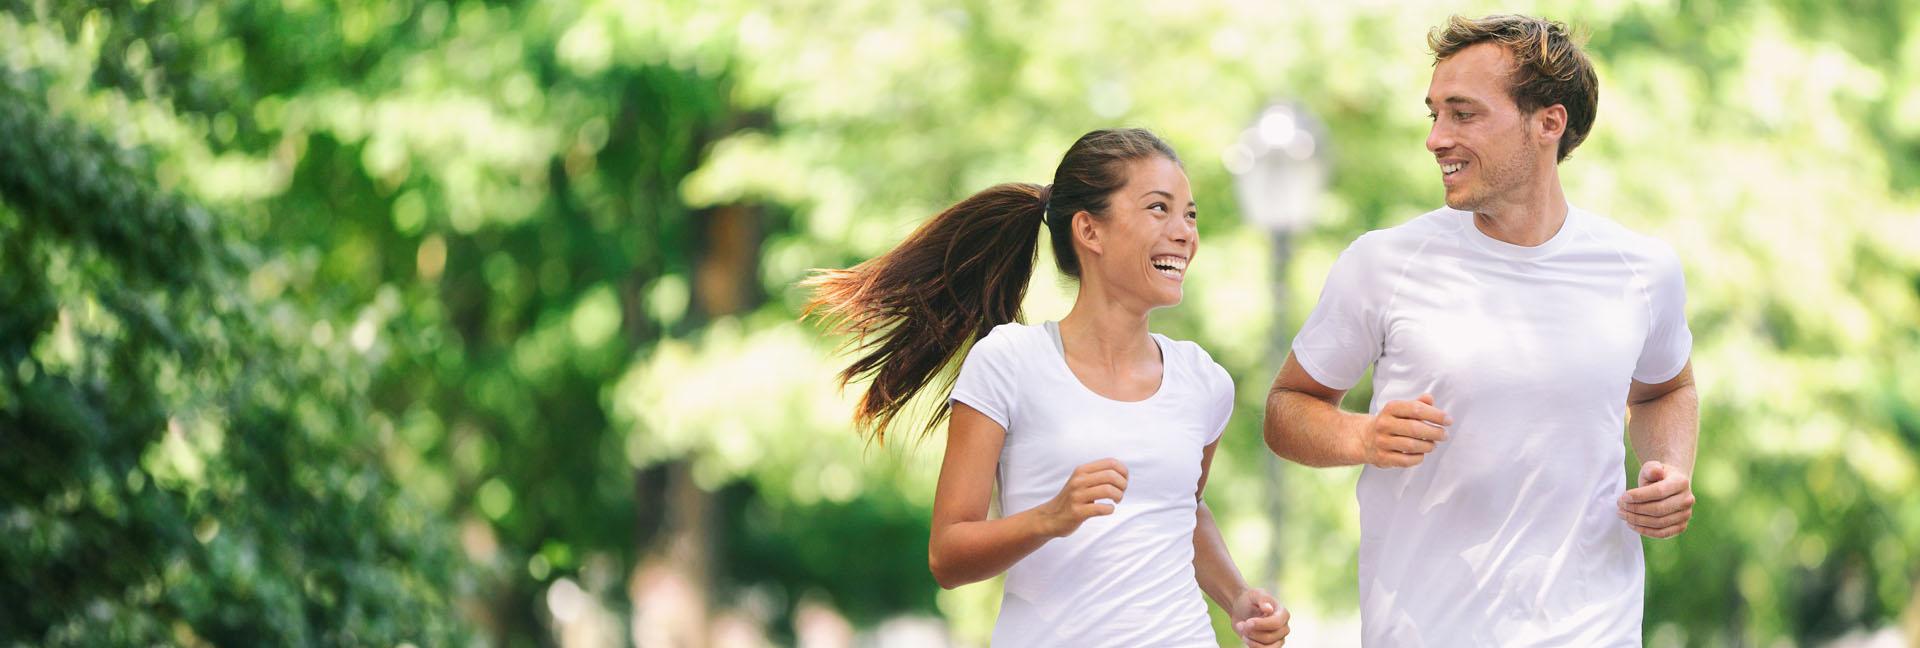 Bewegung, Sport, Zwei Freizeitsportler im Wald am joggen